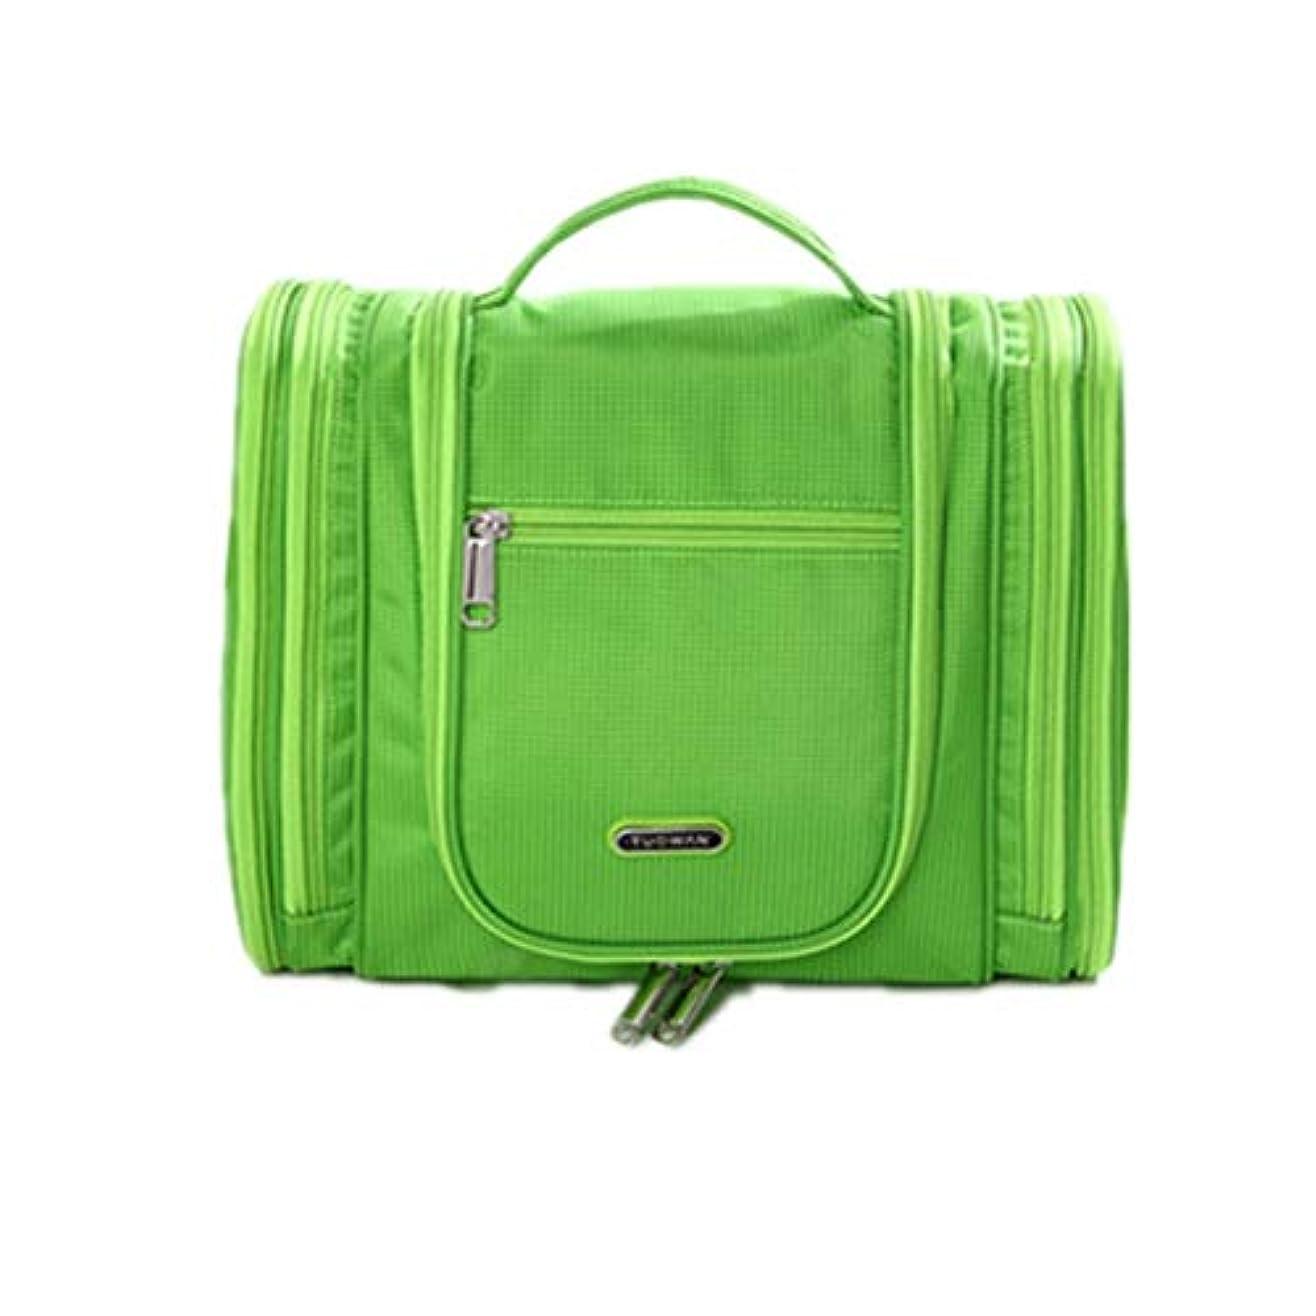 化粧オーガナイザーバッグ グリーンカジュアル旅行用アクセサリーのためのポータブル化粧品バッグシャンプーボディウォッシュパーソナルアイテム吊りフックとジッパーでのストレージ 化粧品ケース